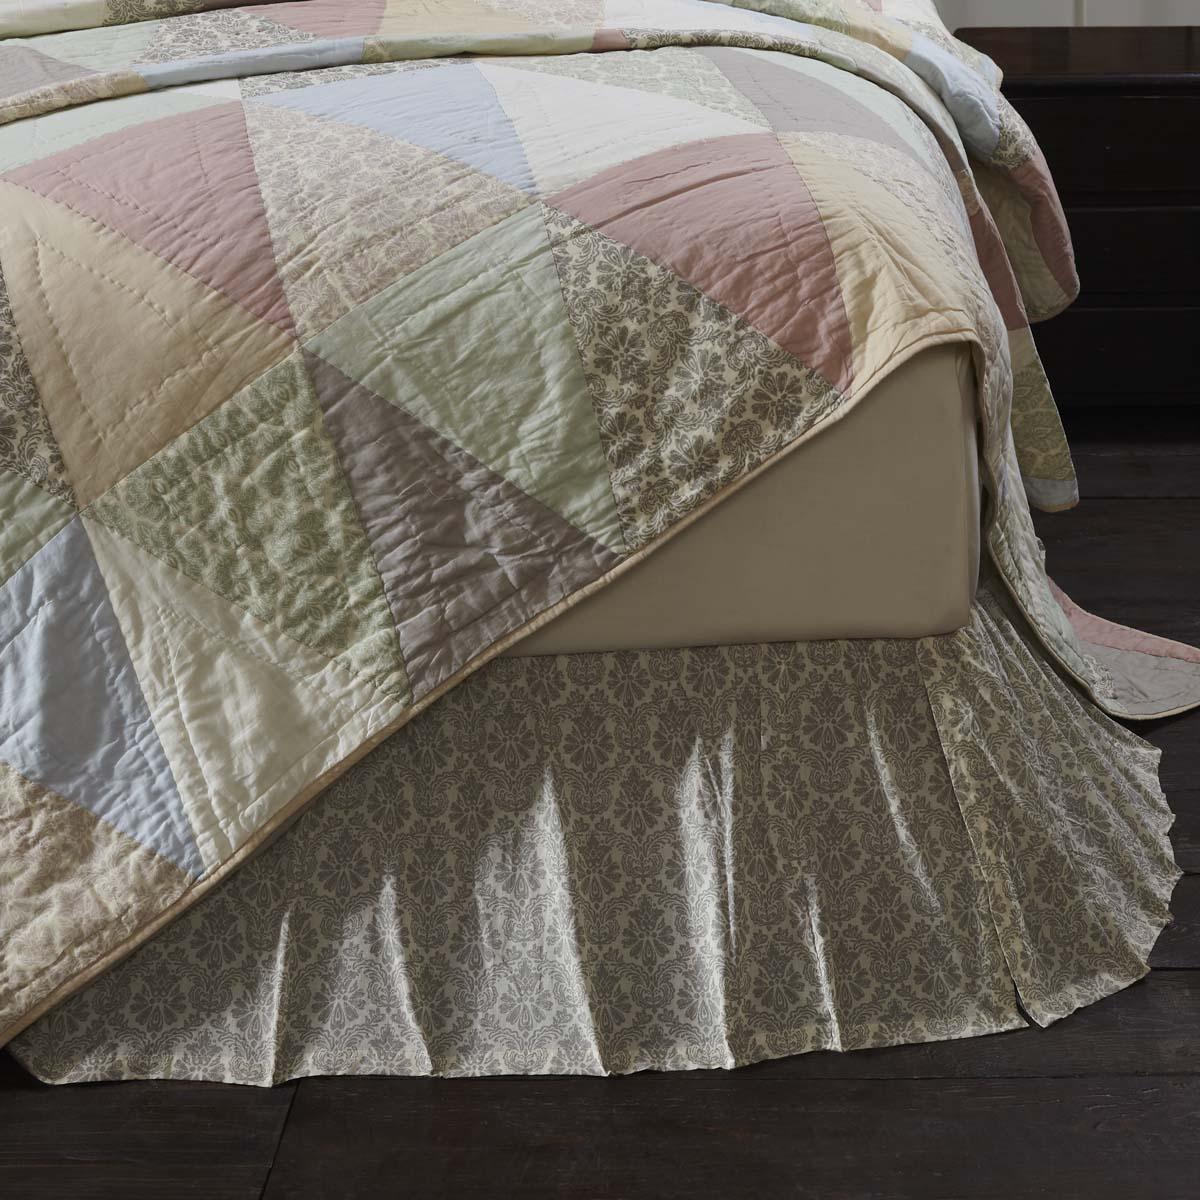 Ava Queen Bed Skirt 60x80x16